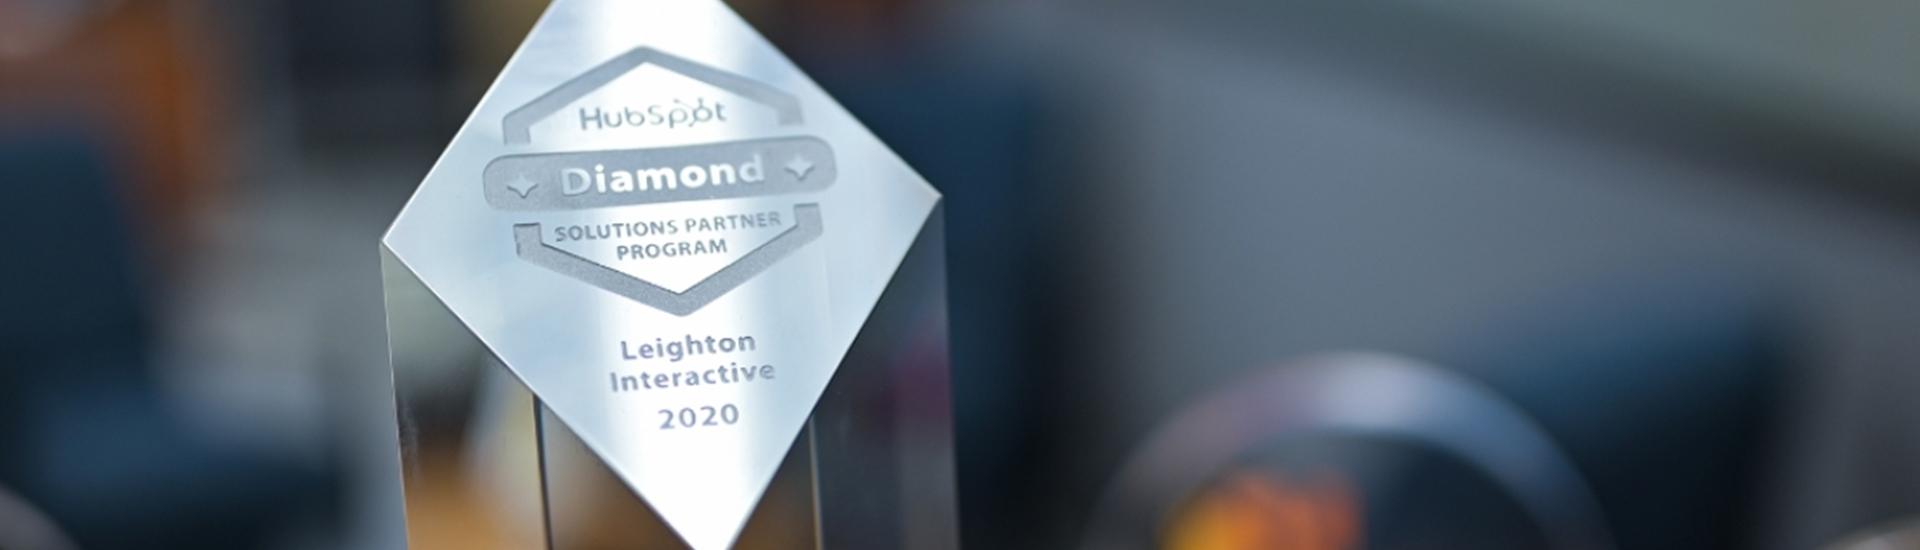 Leighton Interactive Achieves HubSpot Diamond Partner Status